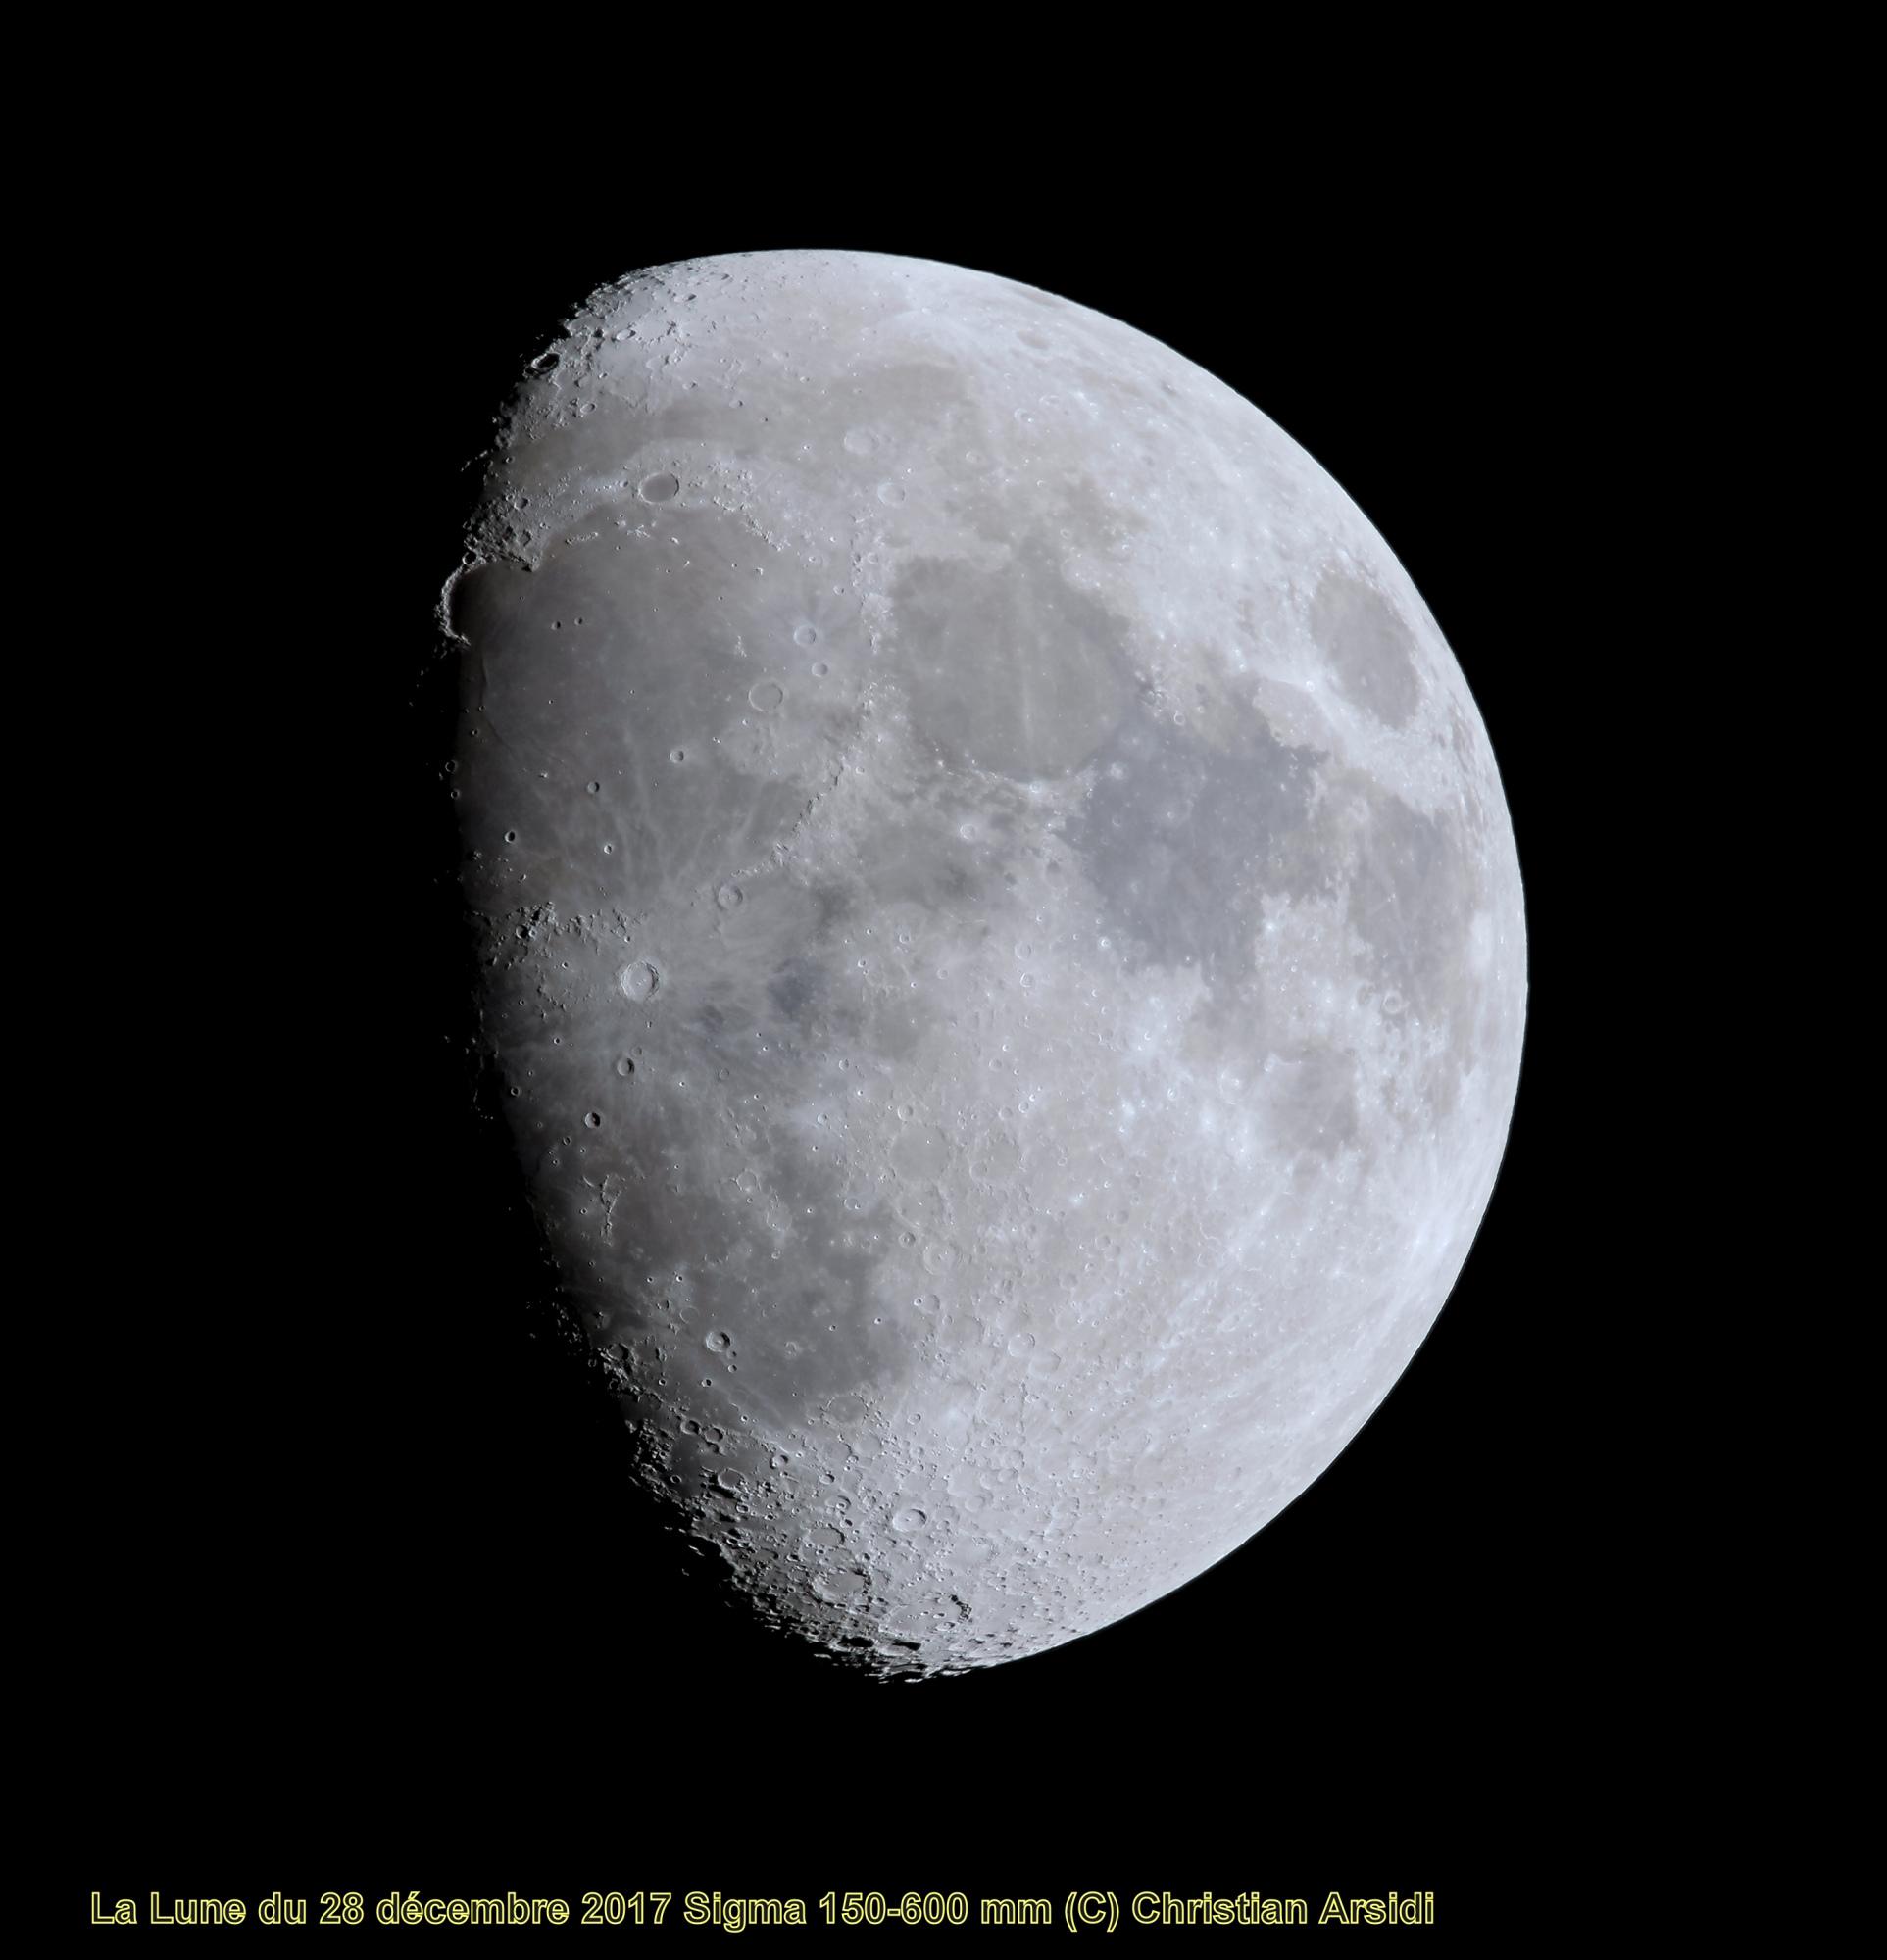 La Lune 7 images du 28 décembre 2017 recadrée BV JPEG.jpg